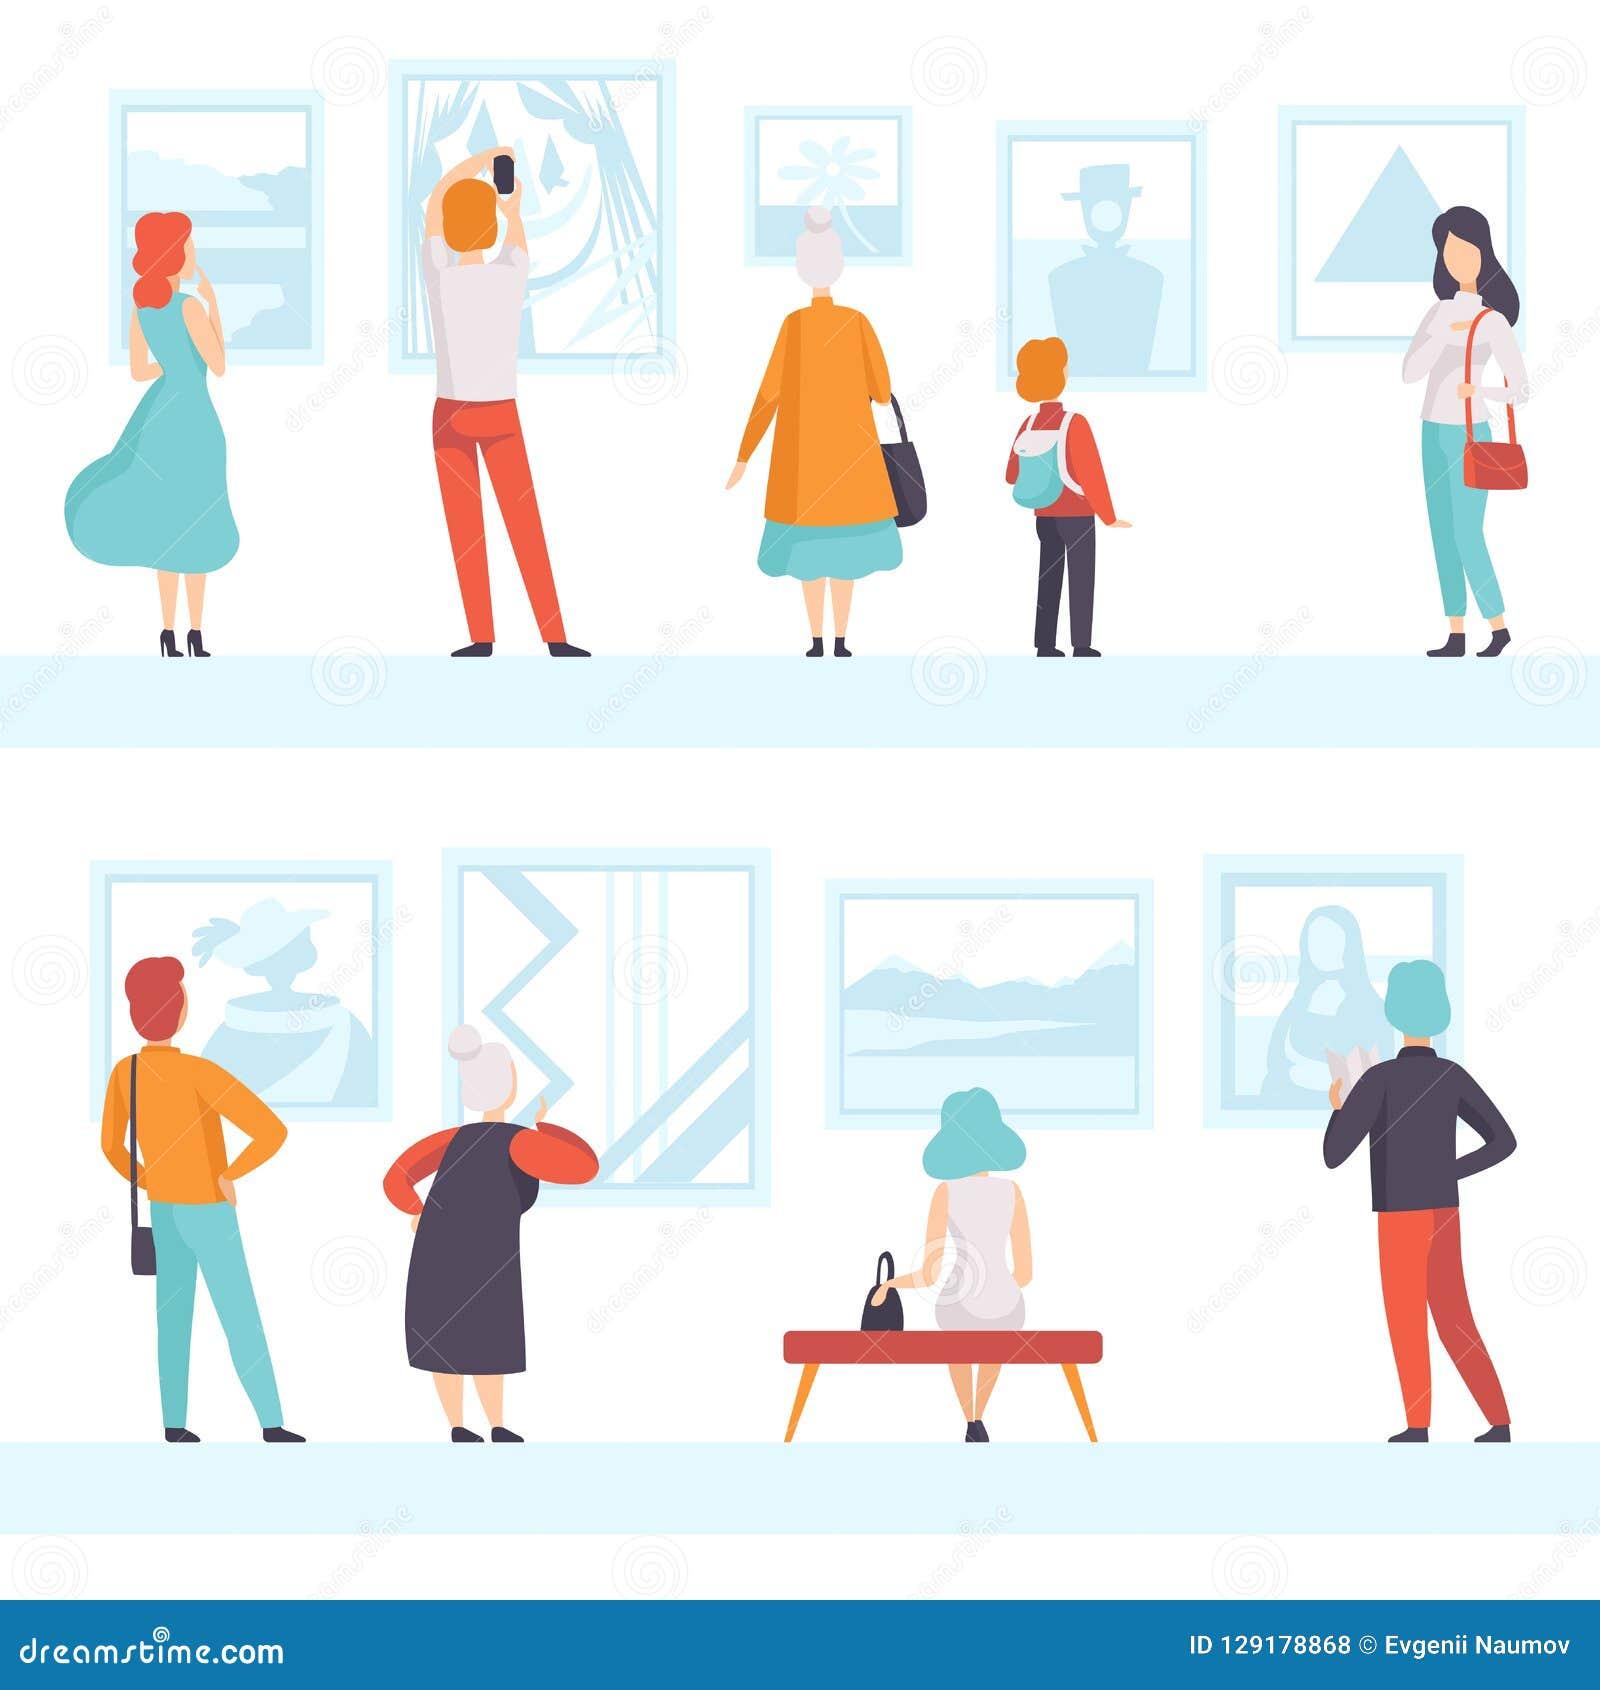 Folk av olika åldrar som ser bilderna som hänger på väggen, utställningbesökare som beskådar museumutställningar på konst